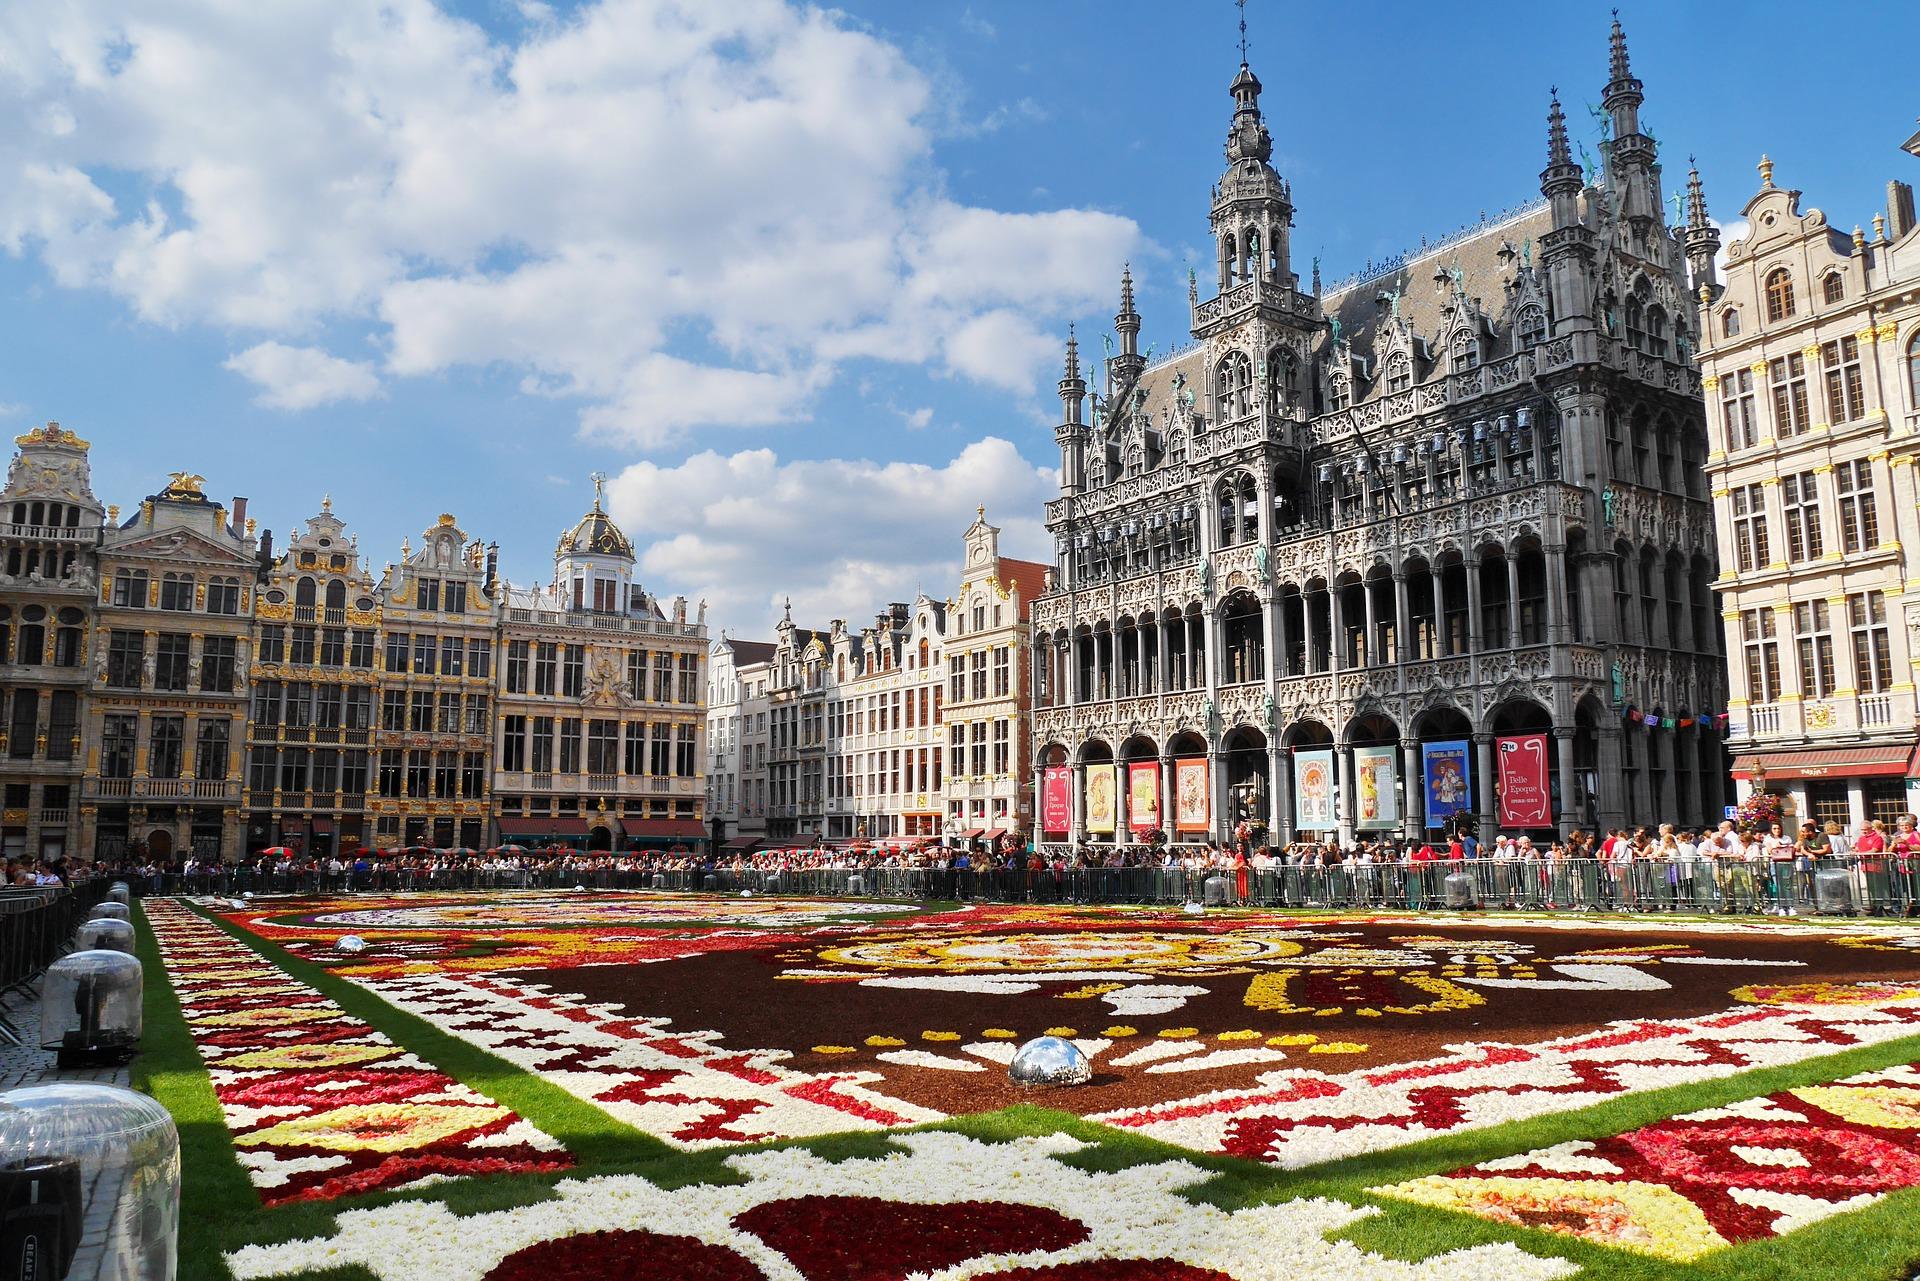 festival dedicado à Bélgica